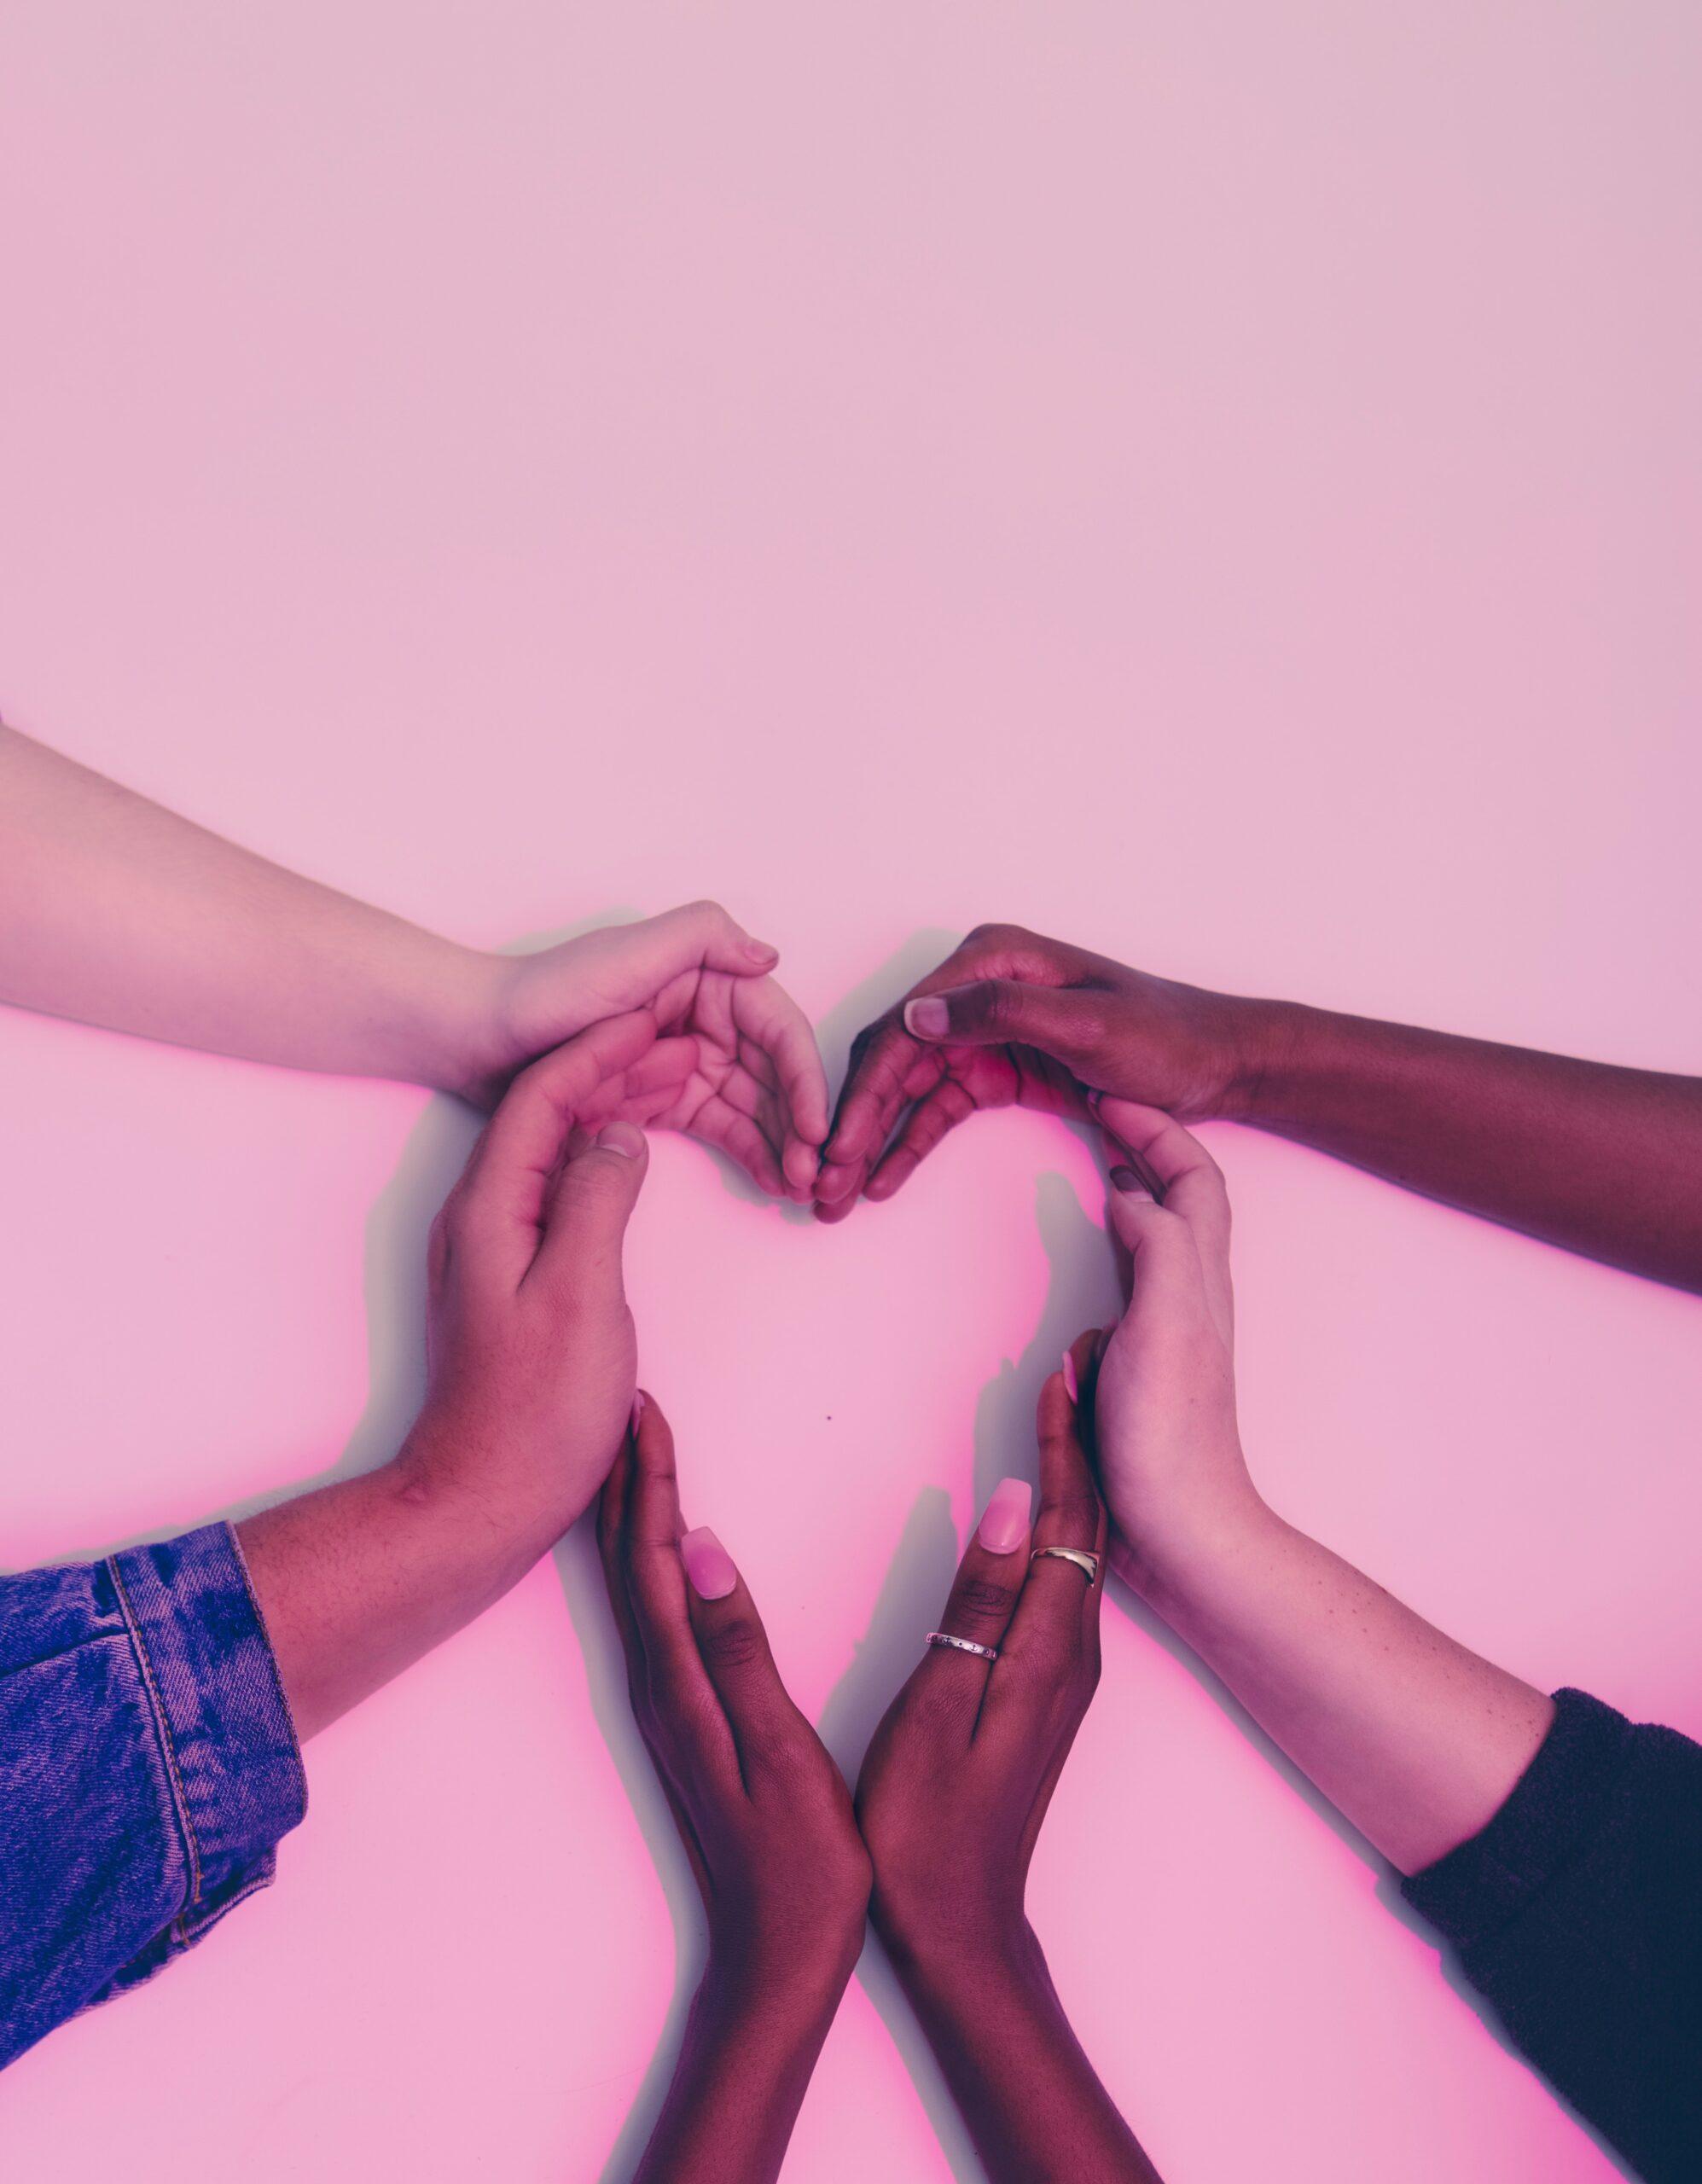 Hands together making heart shape